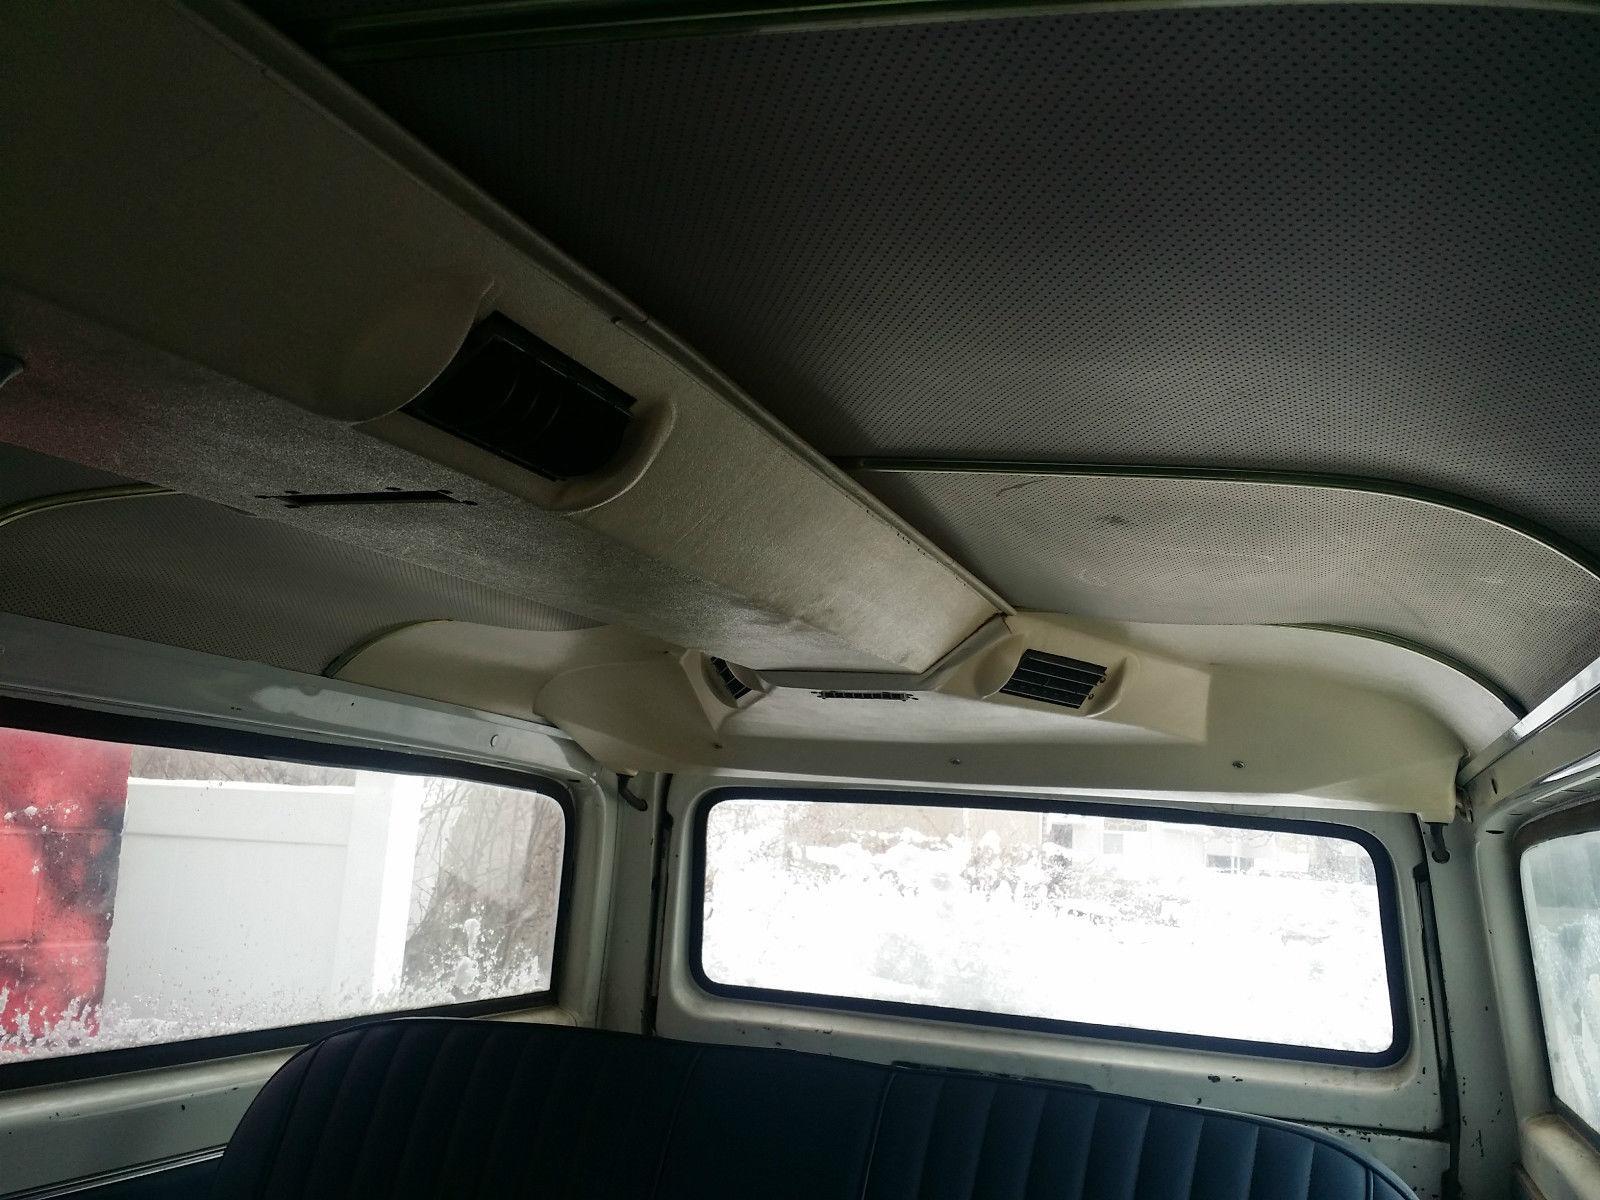 1970 Chevrolet 3 C  383 Stroker